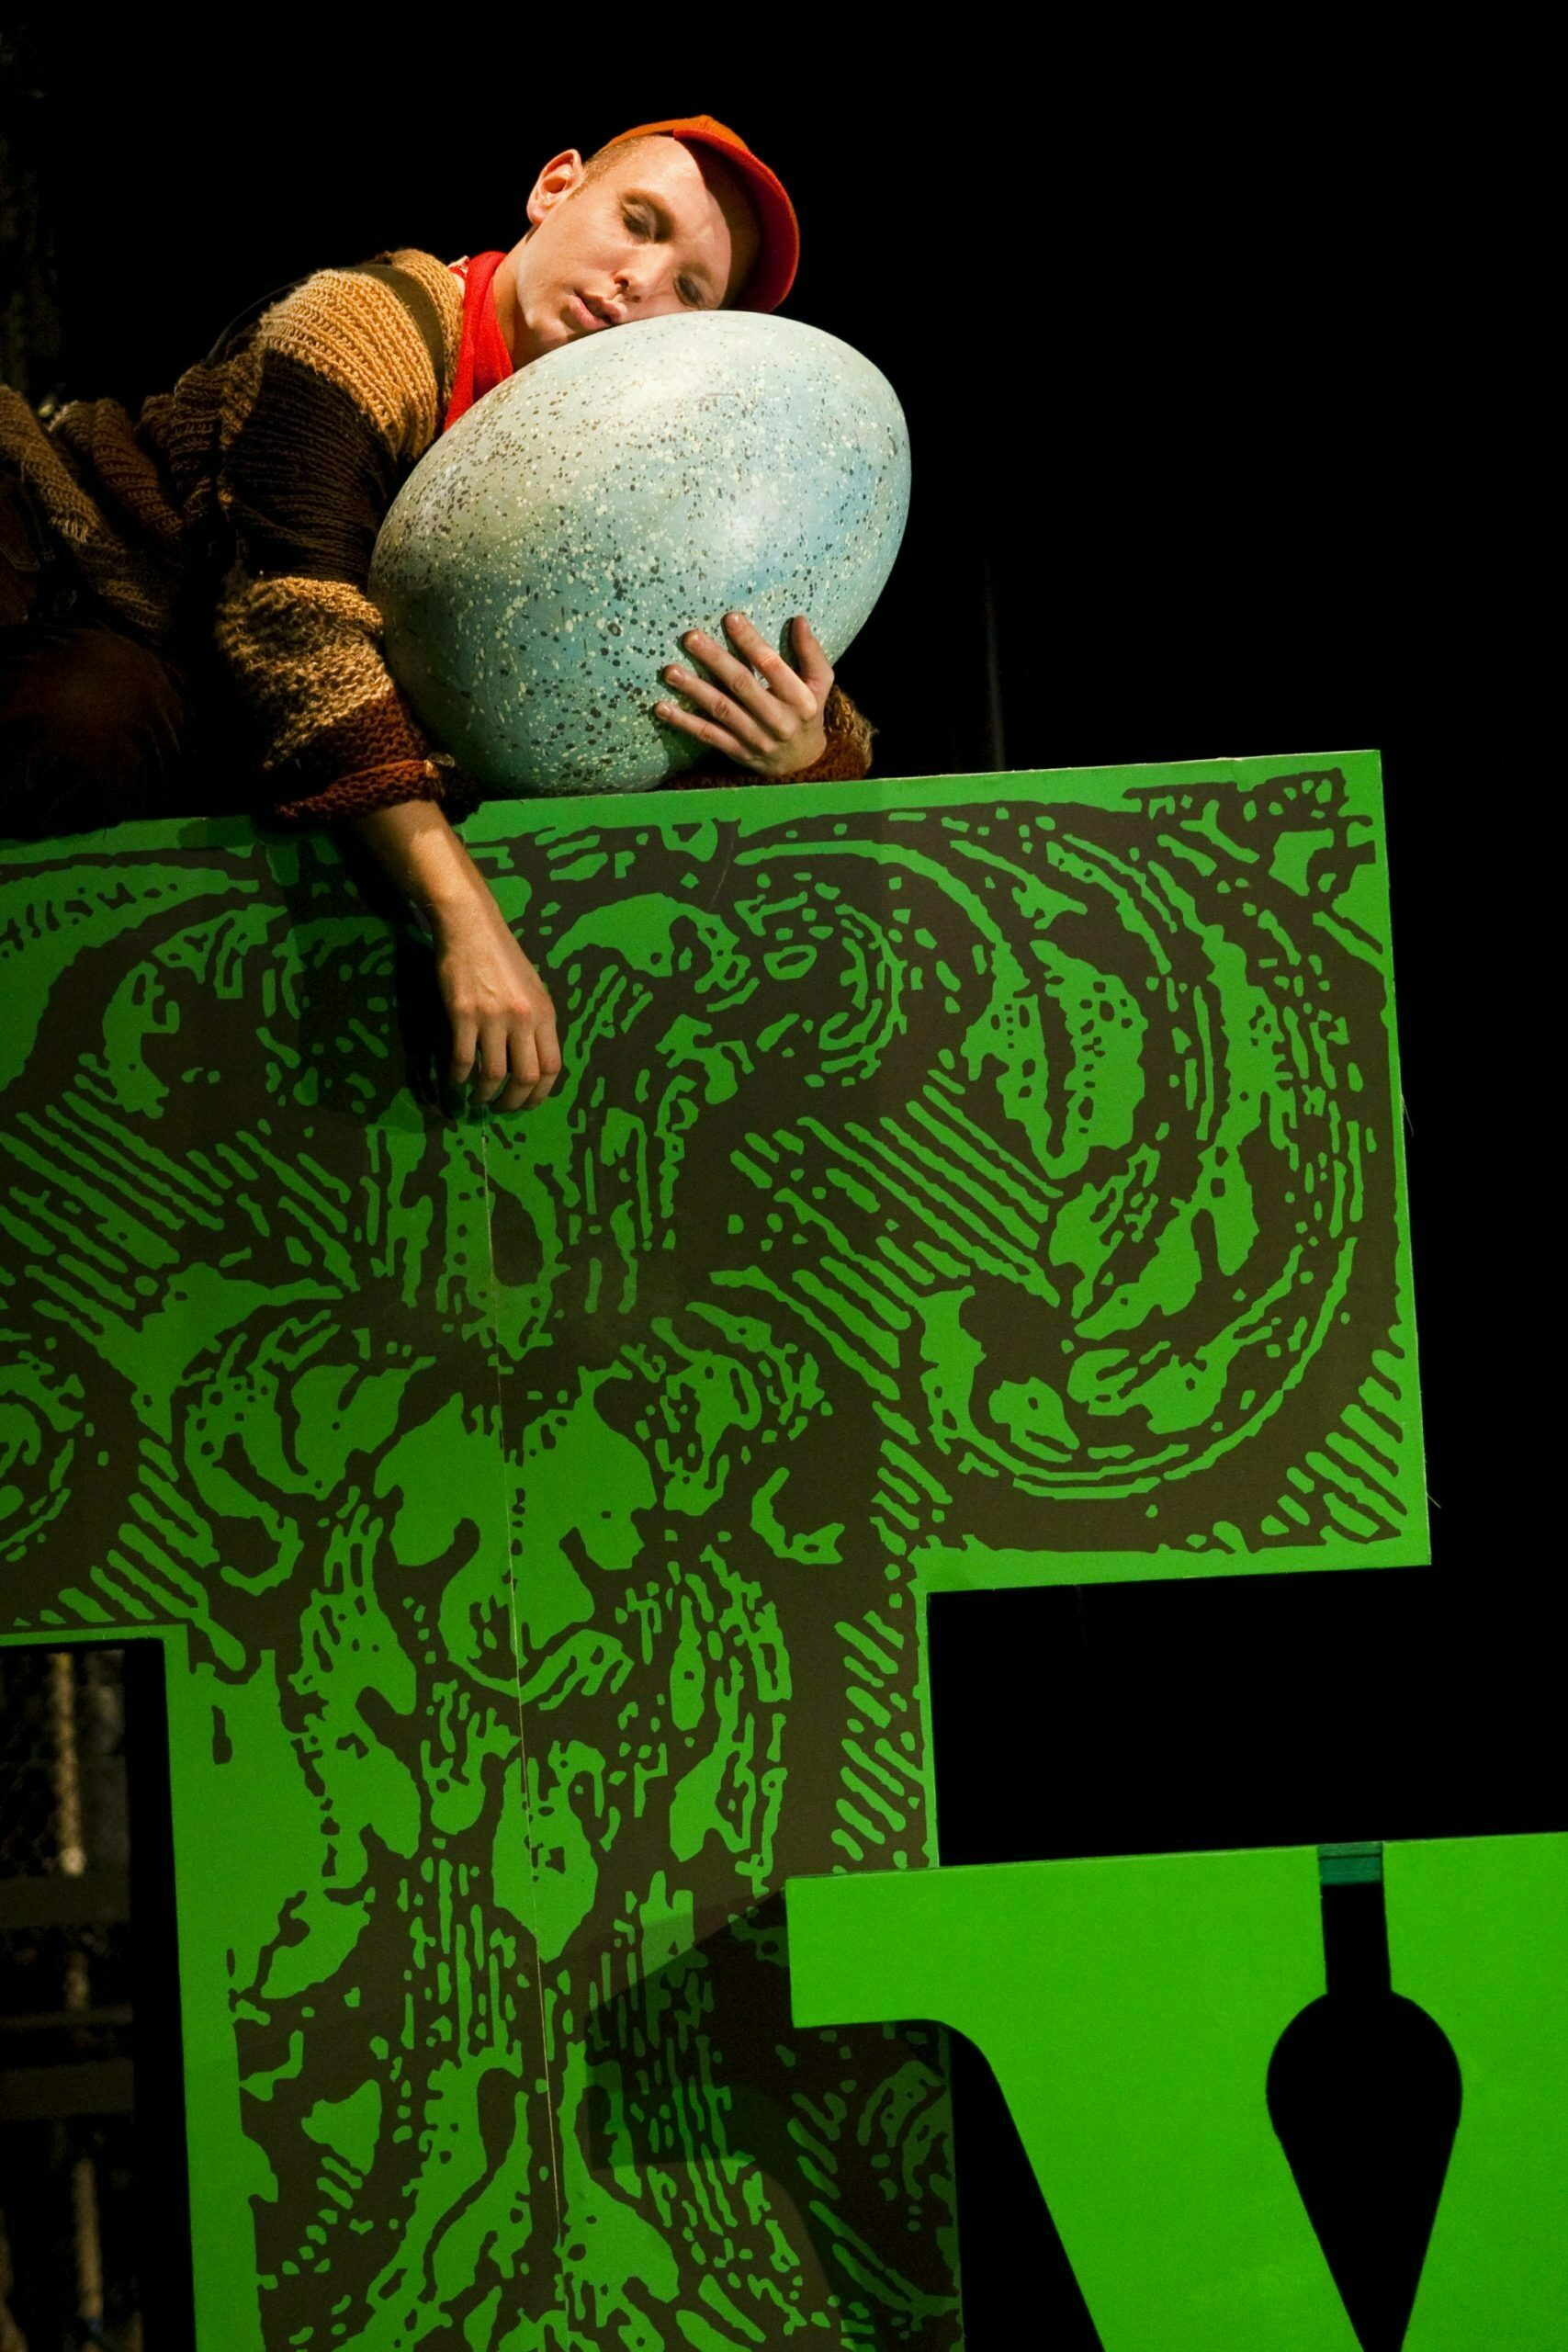 Zdjęcie ze spektaklu Tymoteusz wśród ptaków. Na dużej, zielonej literze T śpi chłopiec w pomarańczowej czapce. Chłopie prztula się do dużego, jasnego jajka.